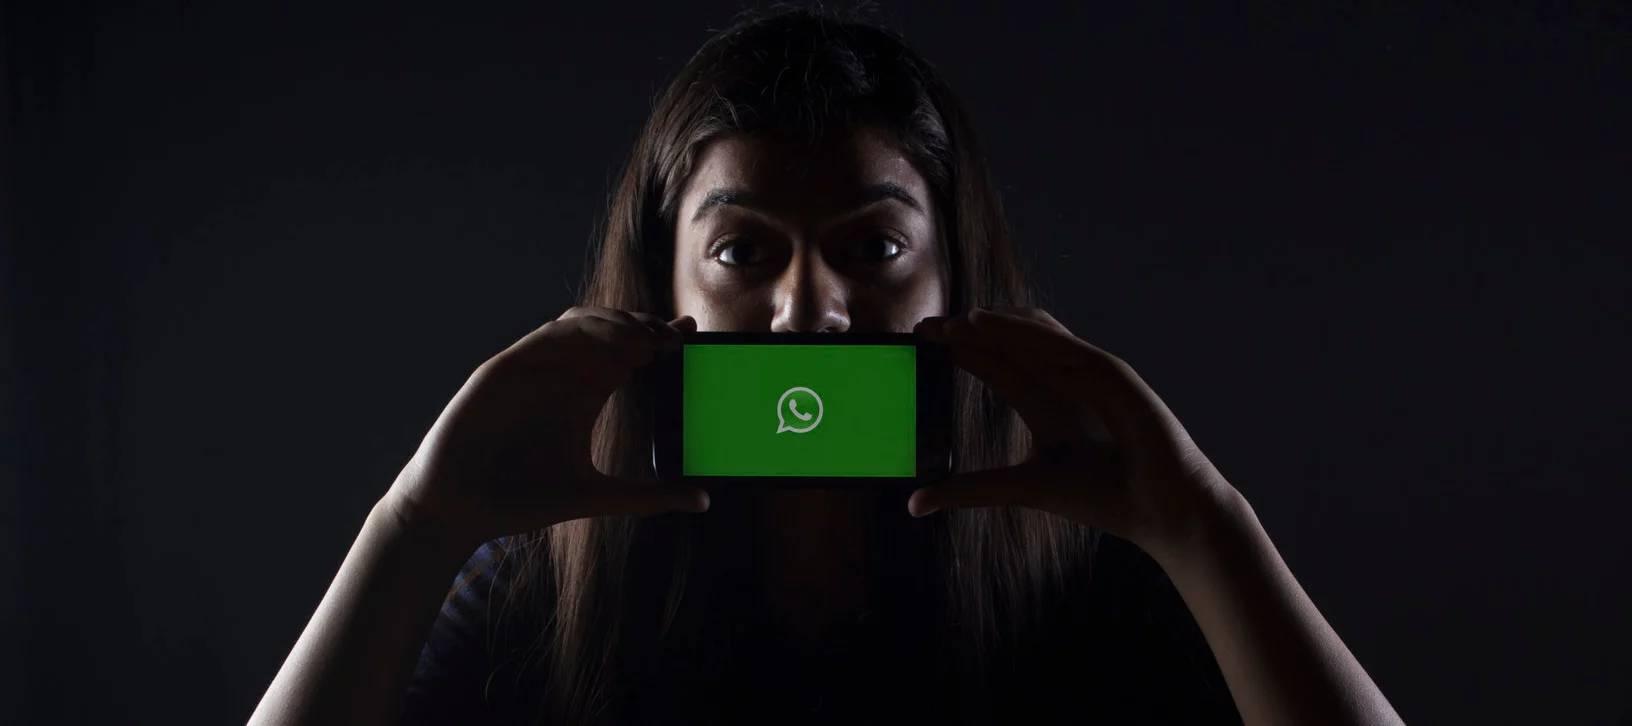 WhatsApp přidal nové soukromé odpovědi a podporu pro 3D Touch